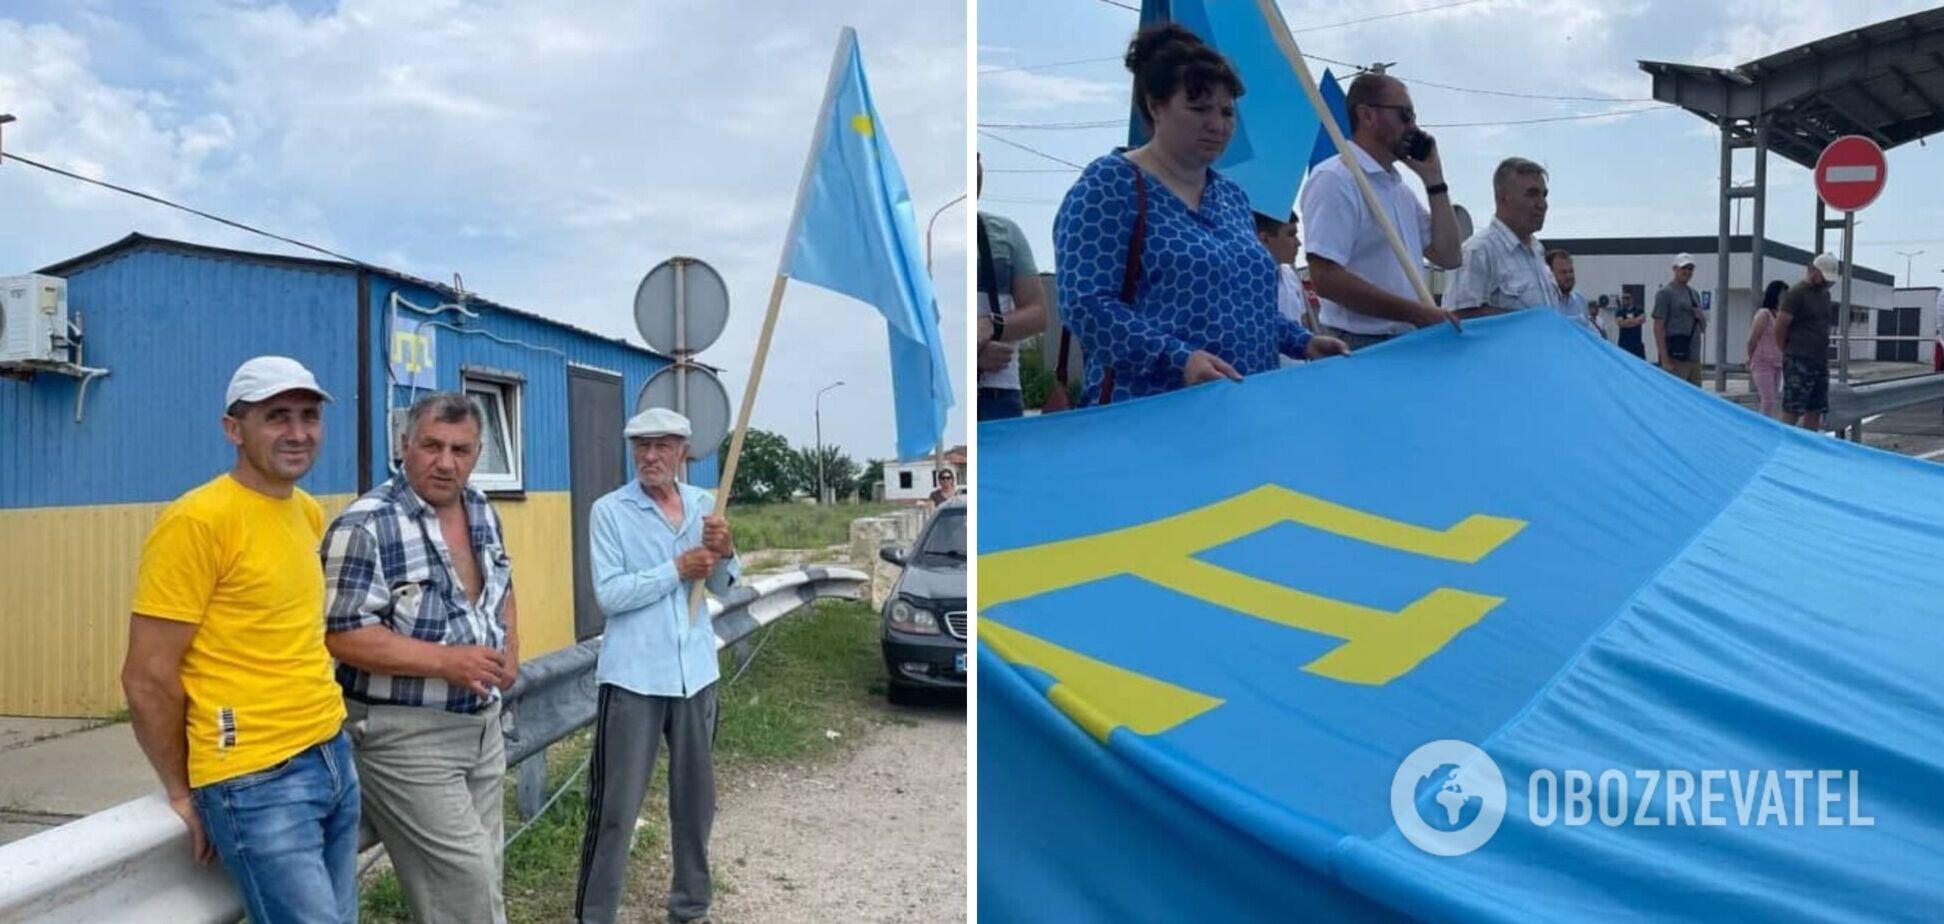 Украинцы в День крымскотатарского флага устроили яркую акцию на КПВВ 'Чонгар'. Фото